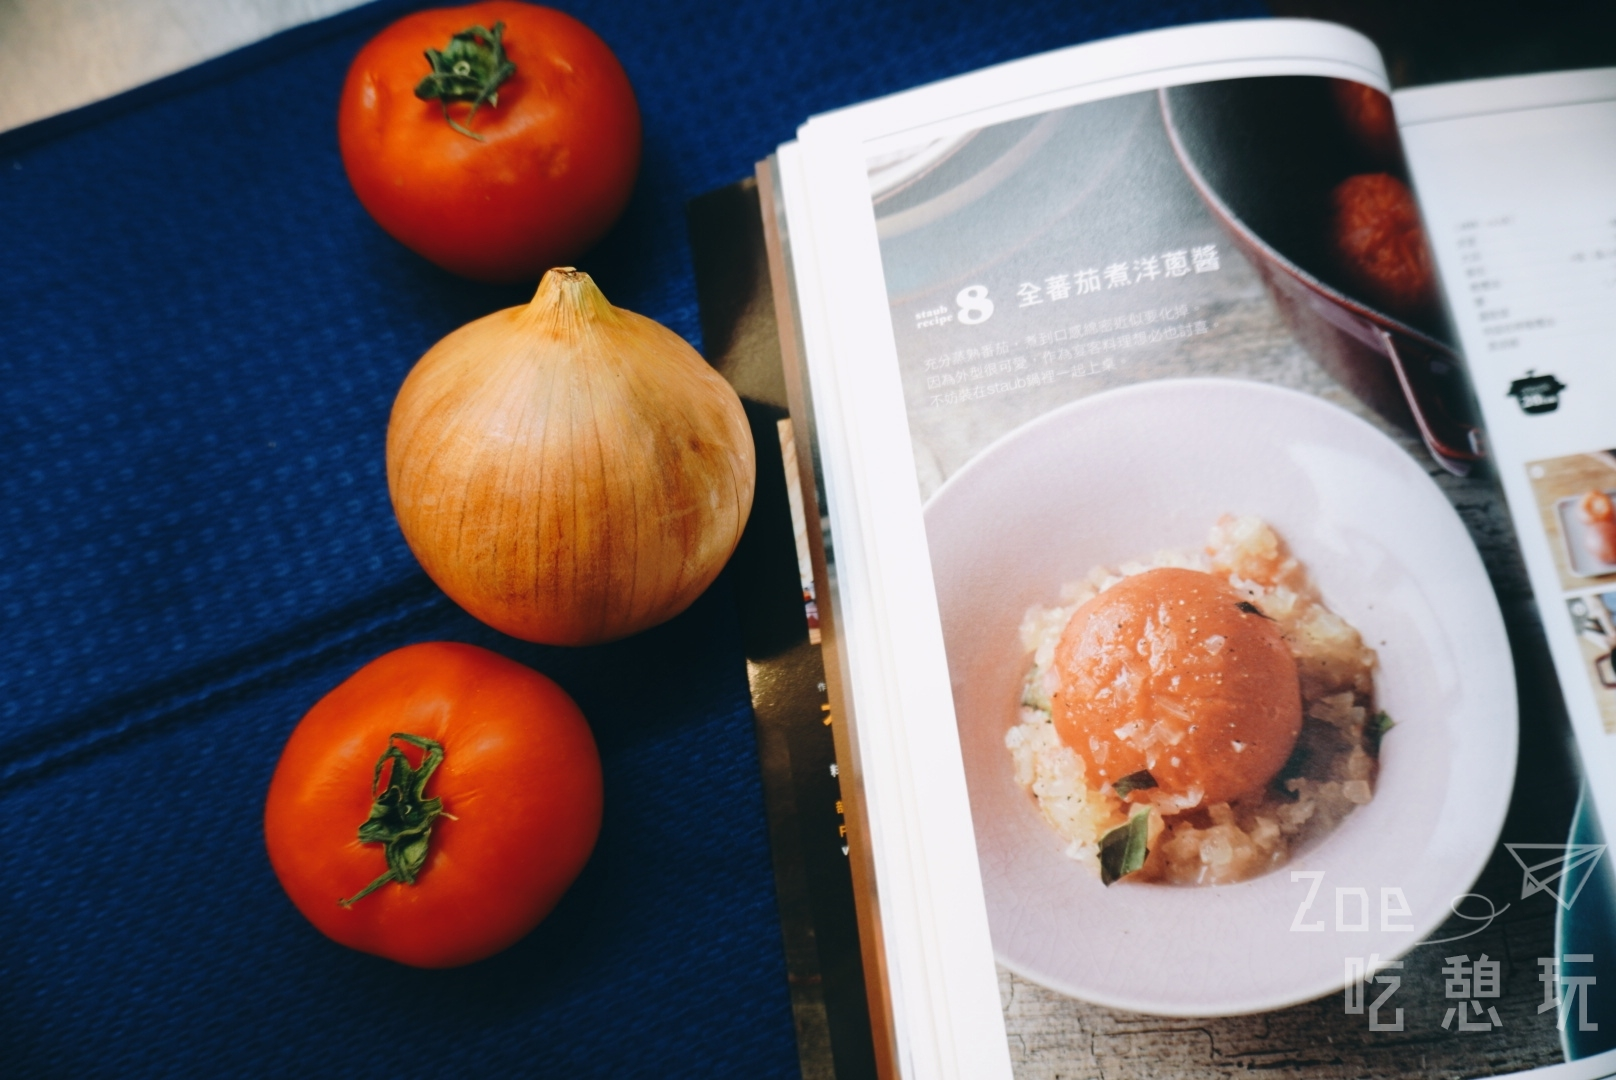 宅在家做料理系列-洋蔥燉番茄,15分鐘簡單不費工的法式開胃菜